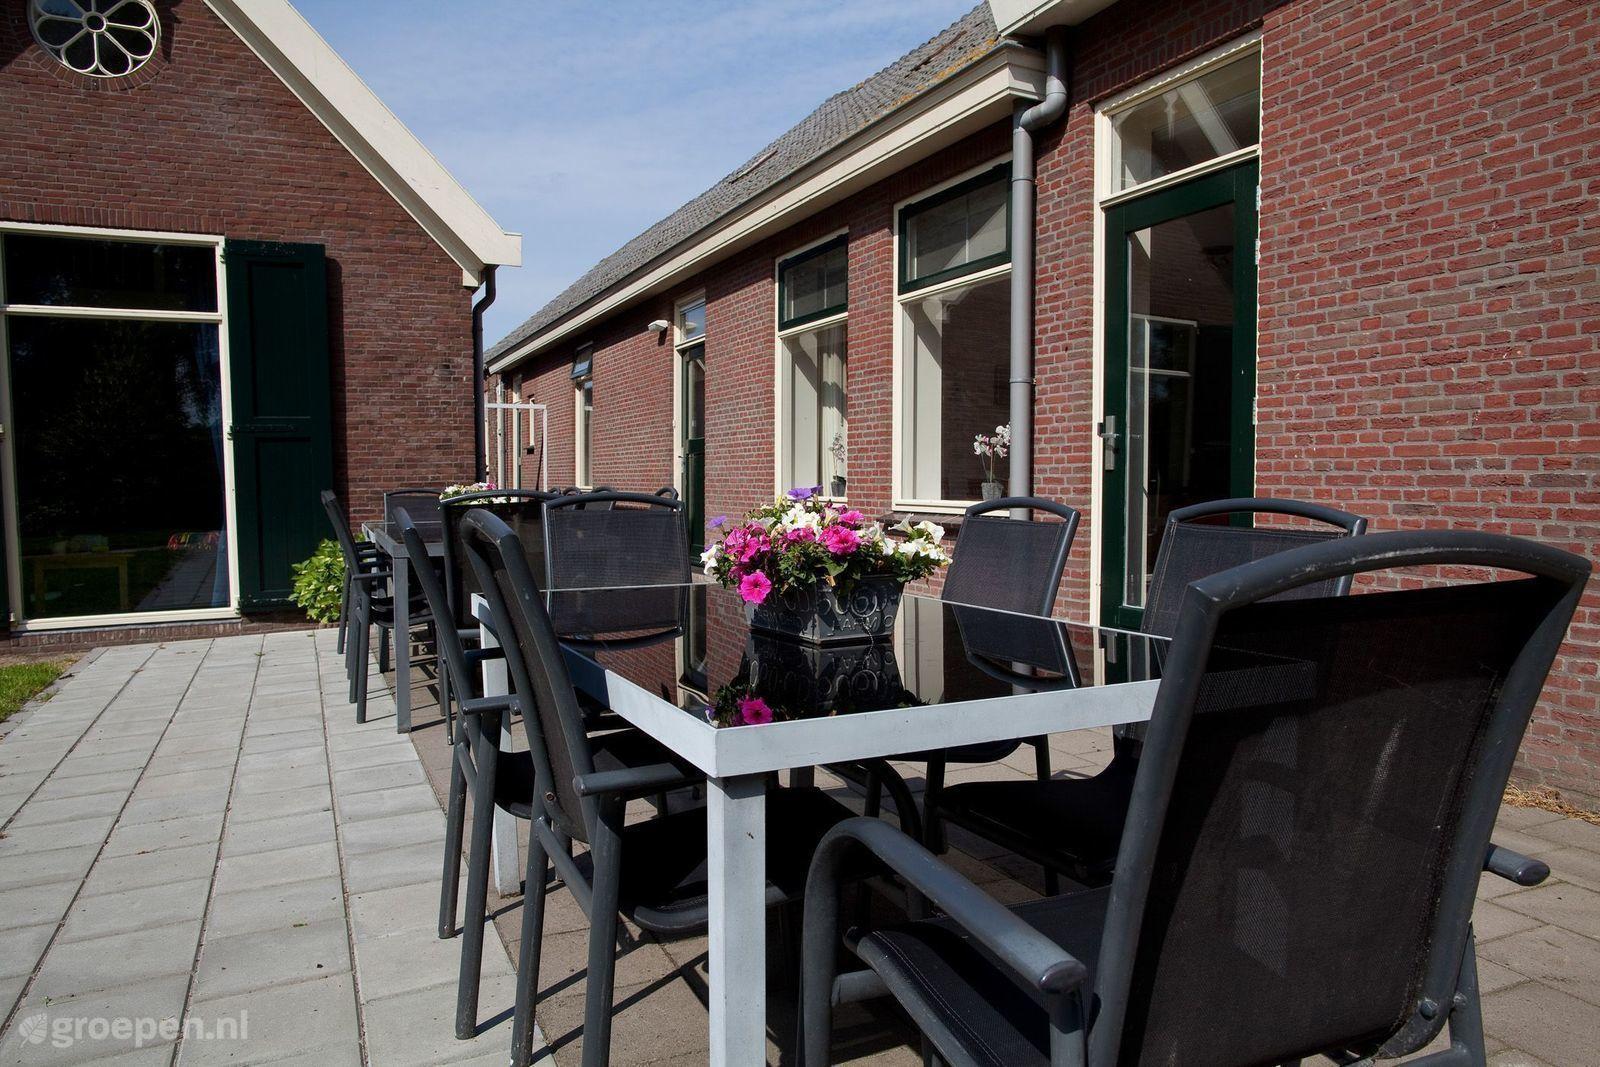 Groepsaccommodatie Koudekerk aan den Rijn